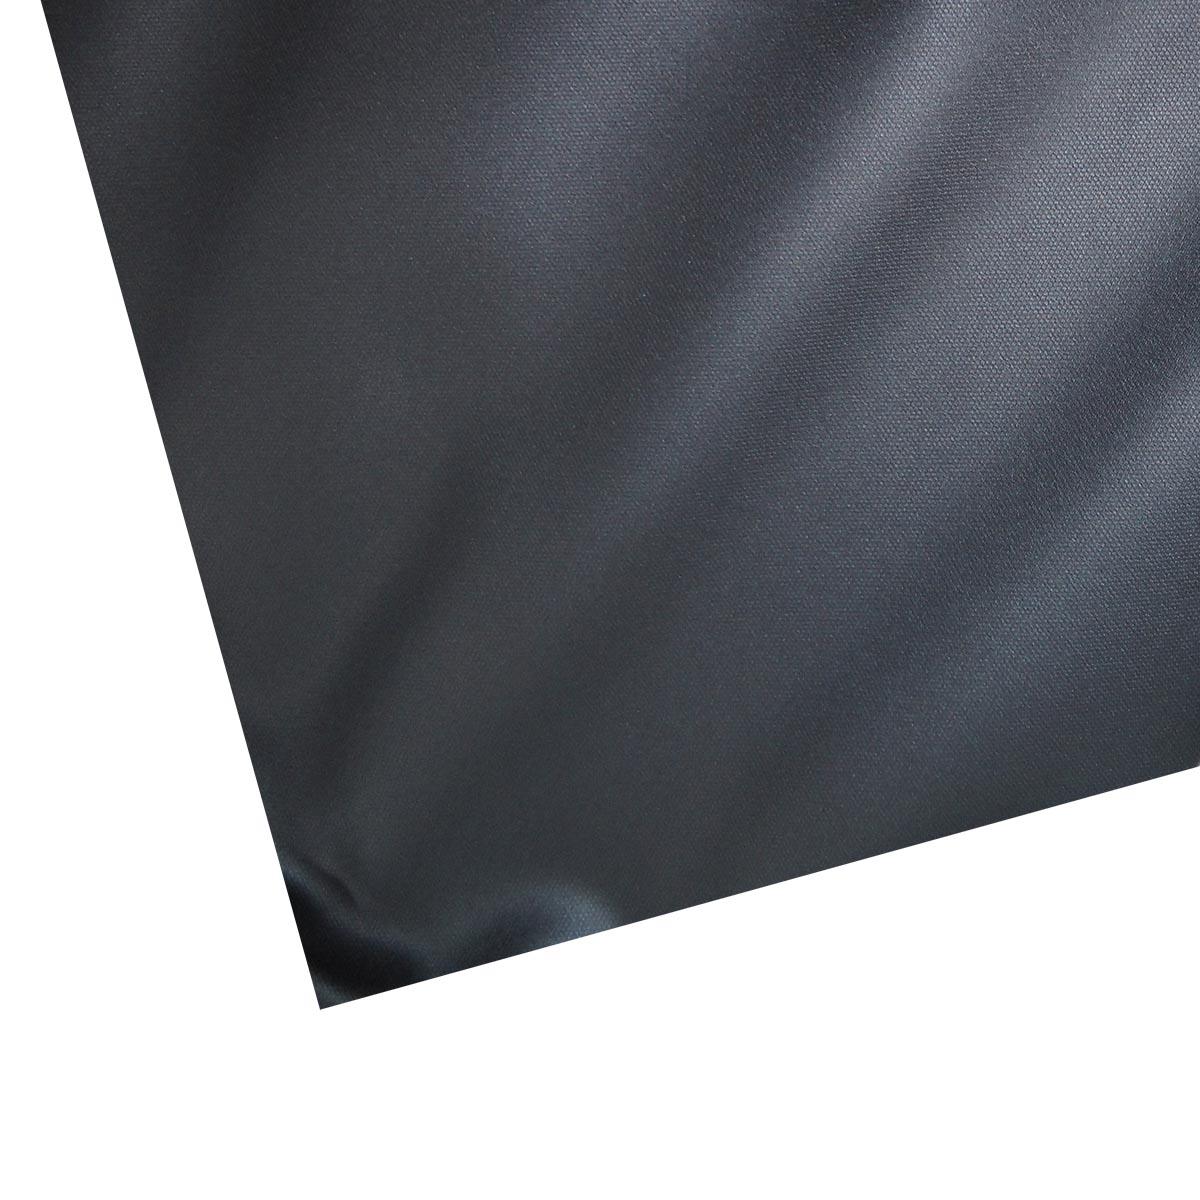 Teichfolien Zuschnitt PVC 1,0 mm 8 x 6 m = 48 qm